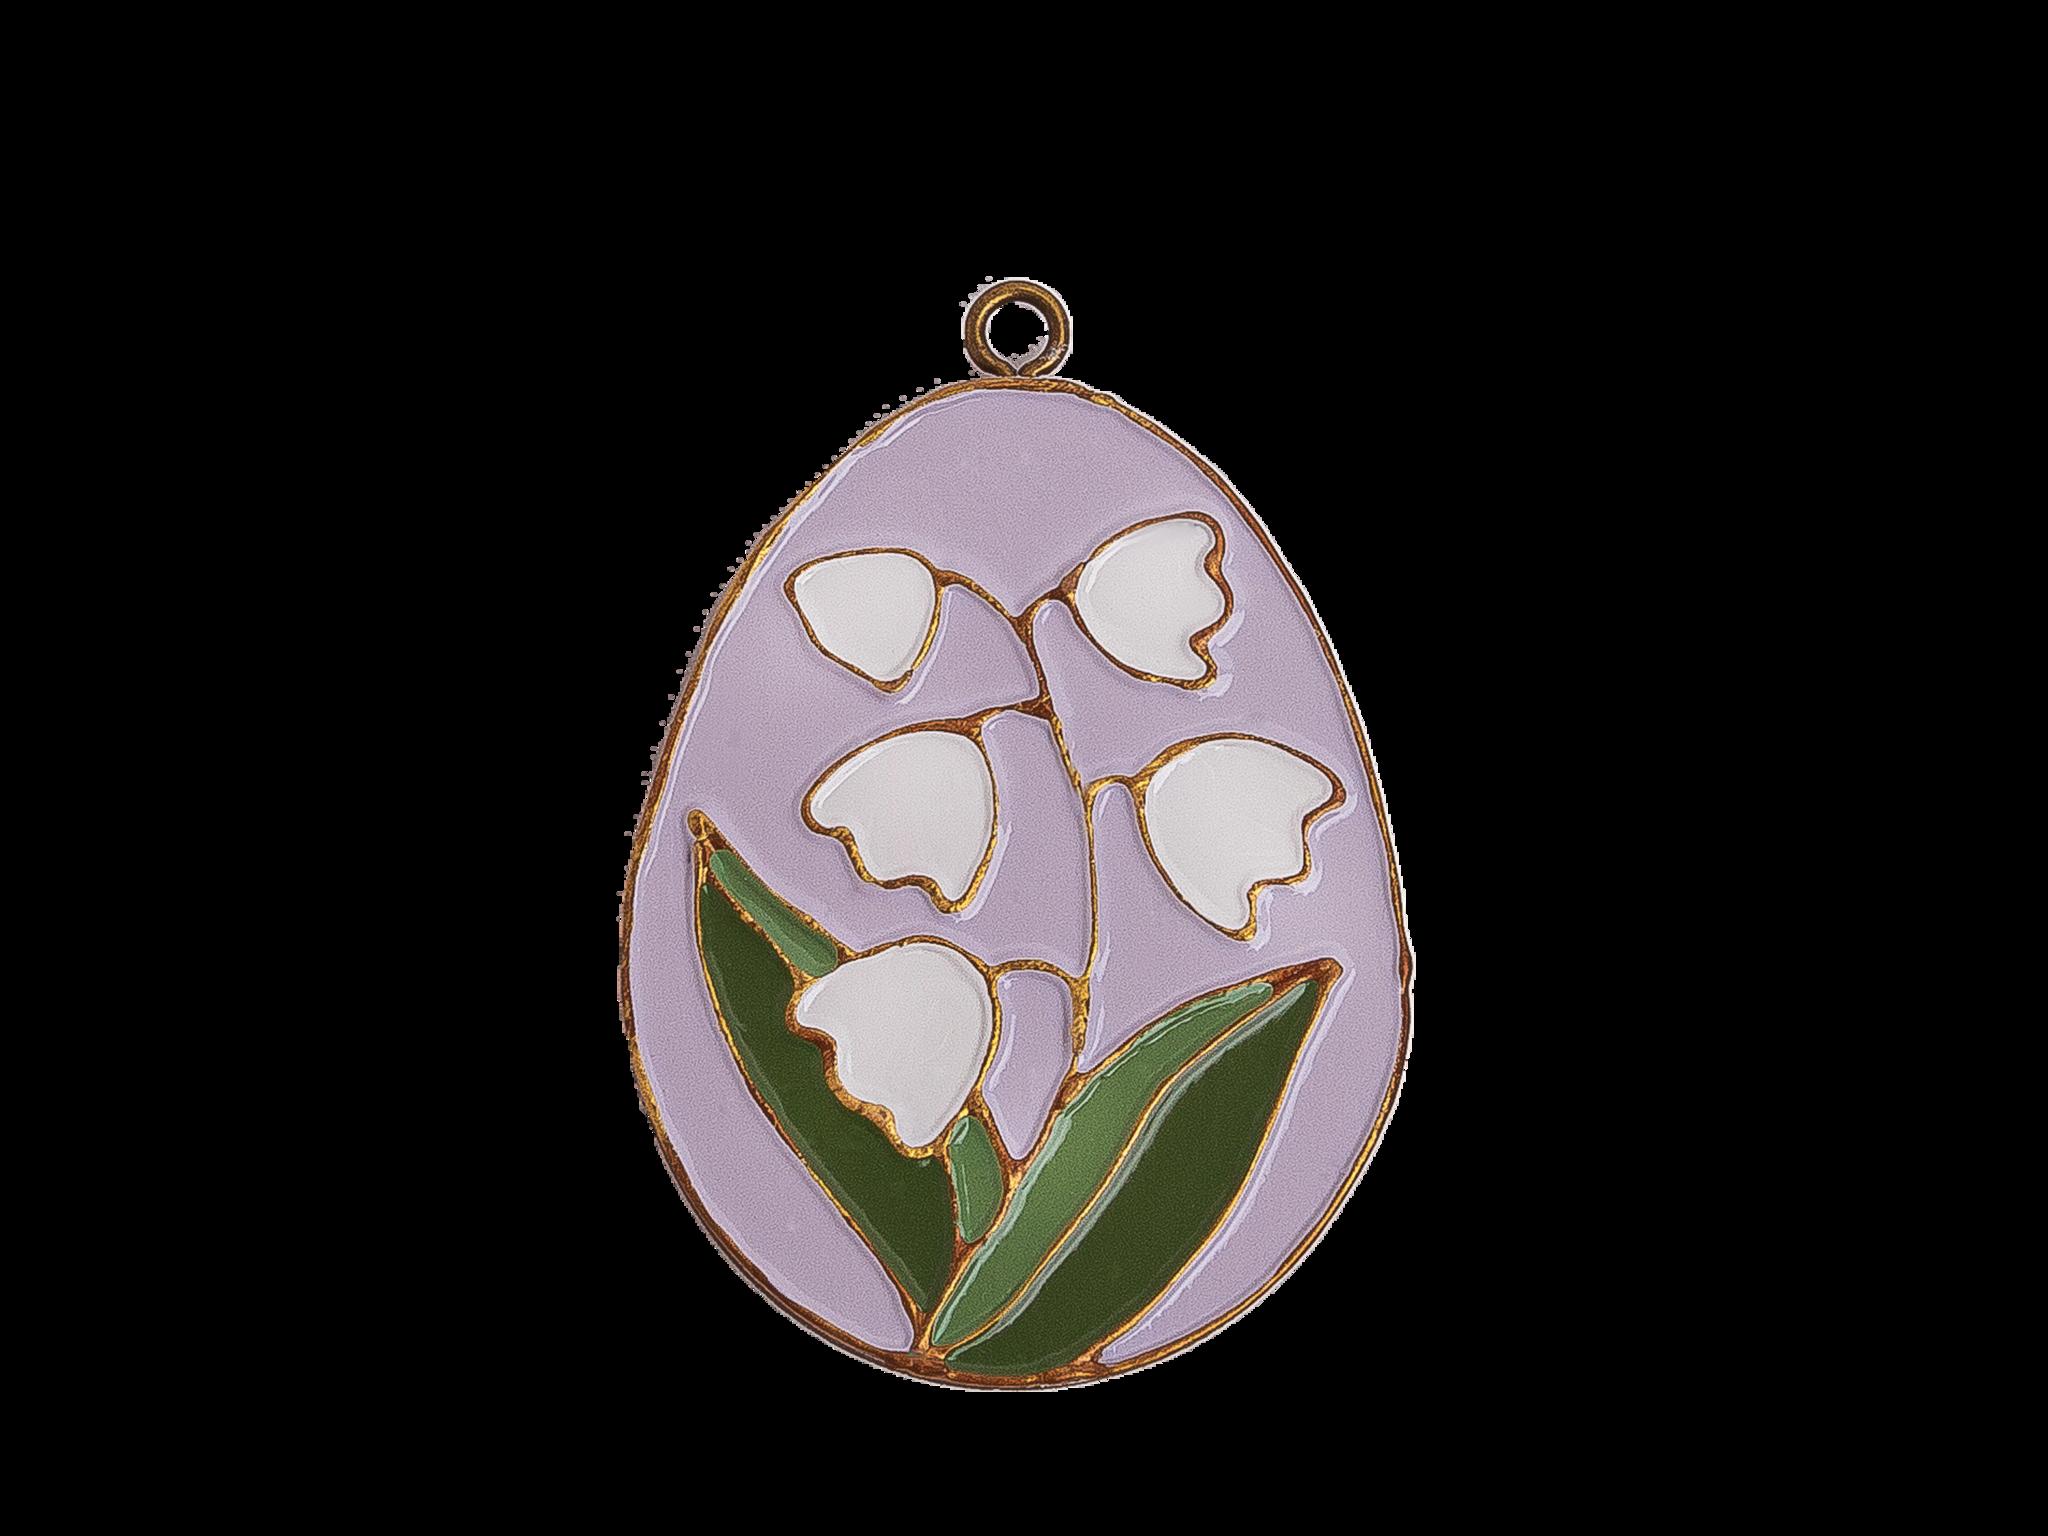 Пасхальное украшение Яйцо с Ландышем, цвет: светло-лиловый